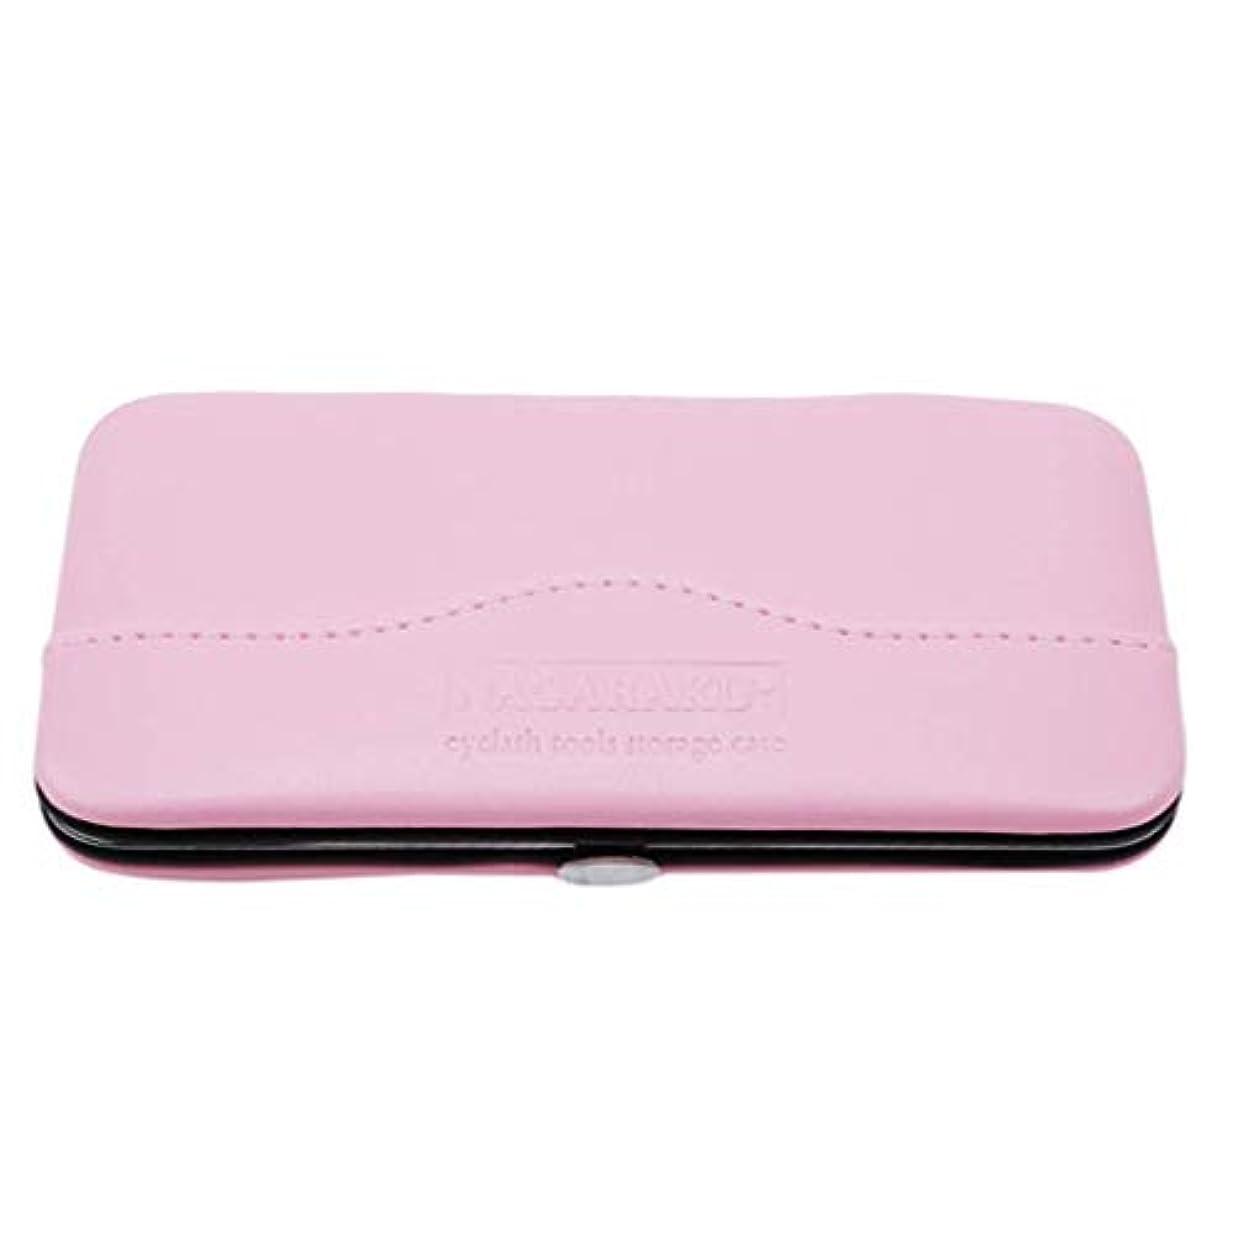 防衛卑しい高揚した1st market プレミアム品質1ピース化粧道具バッグ用まつげエクステンションピンセット収納ボックスケース